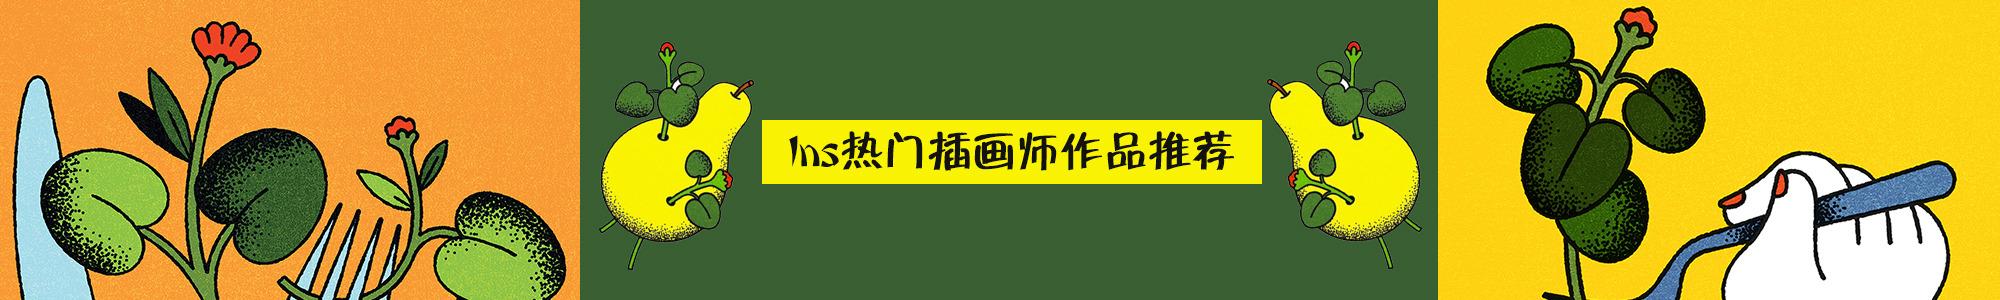 INS插画师作品介绍